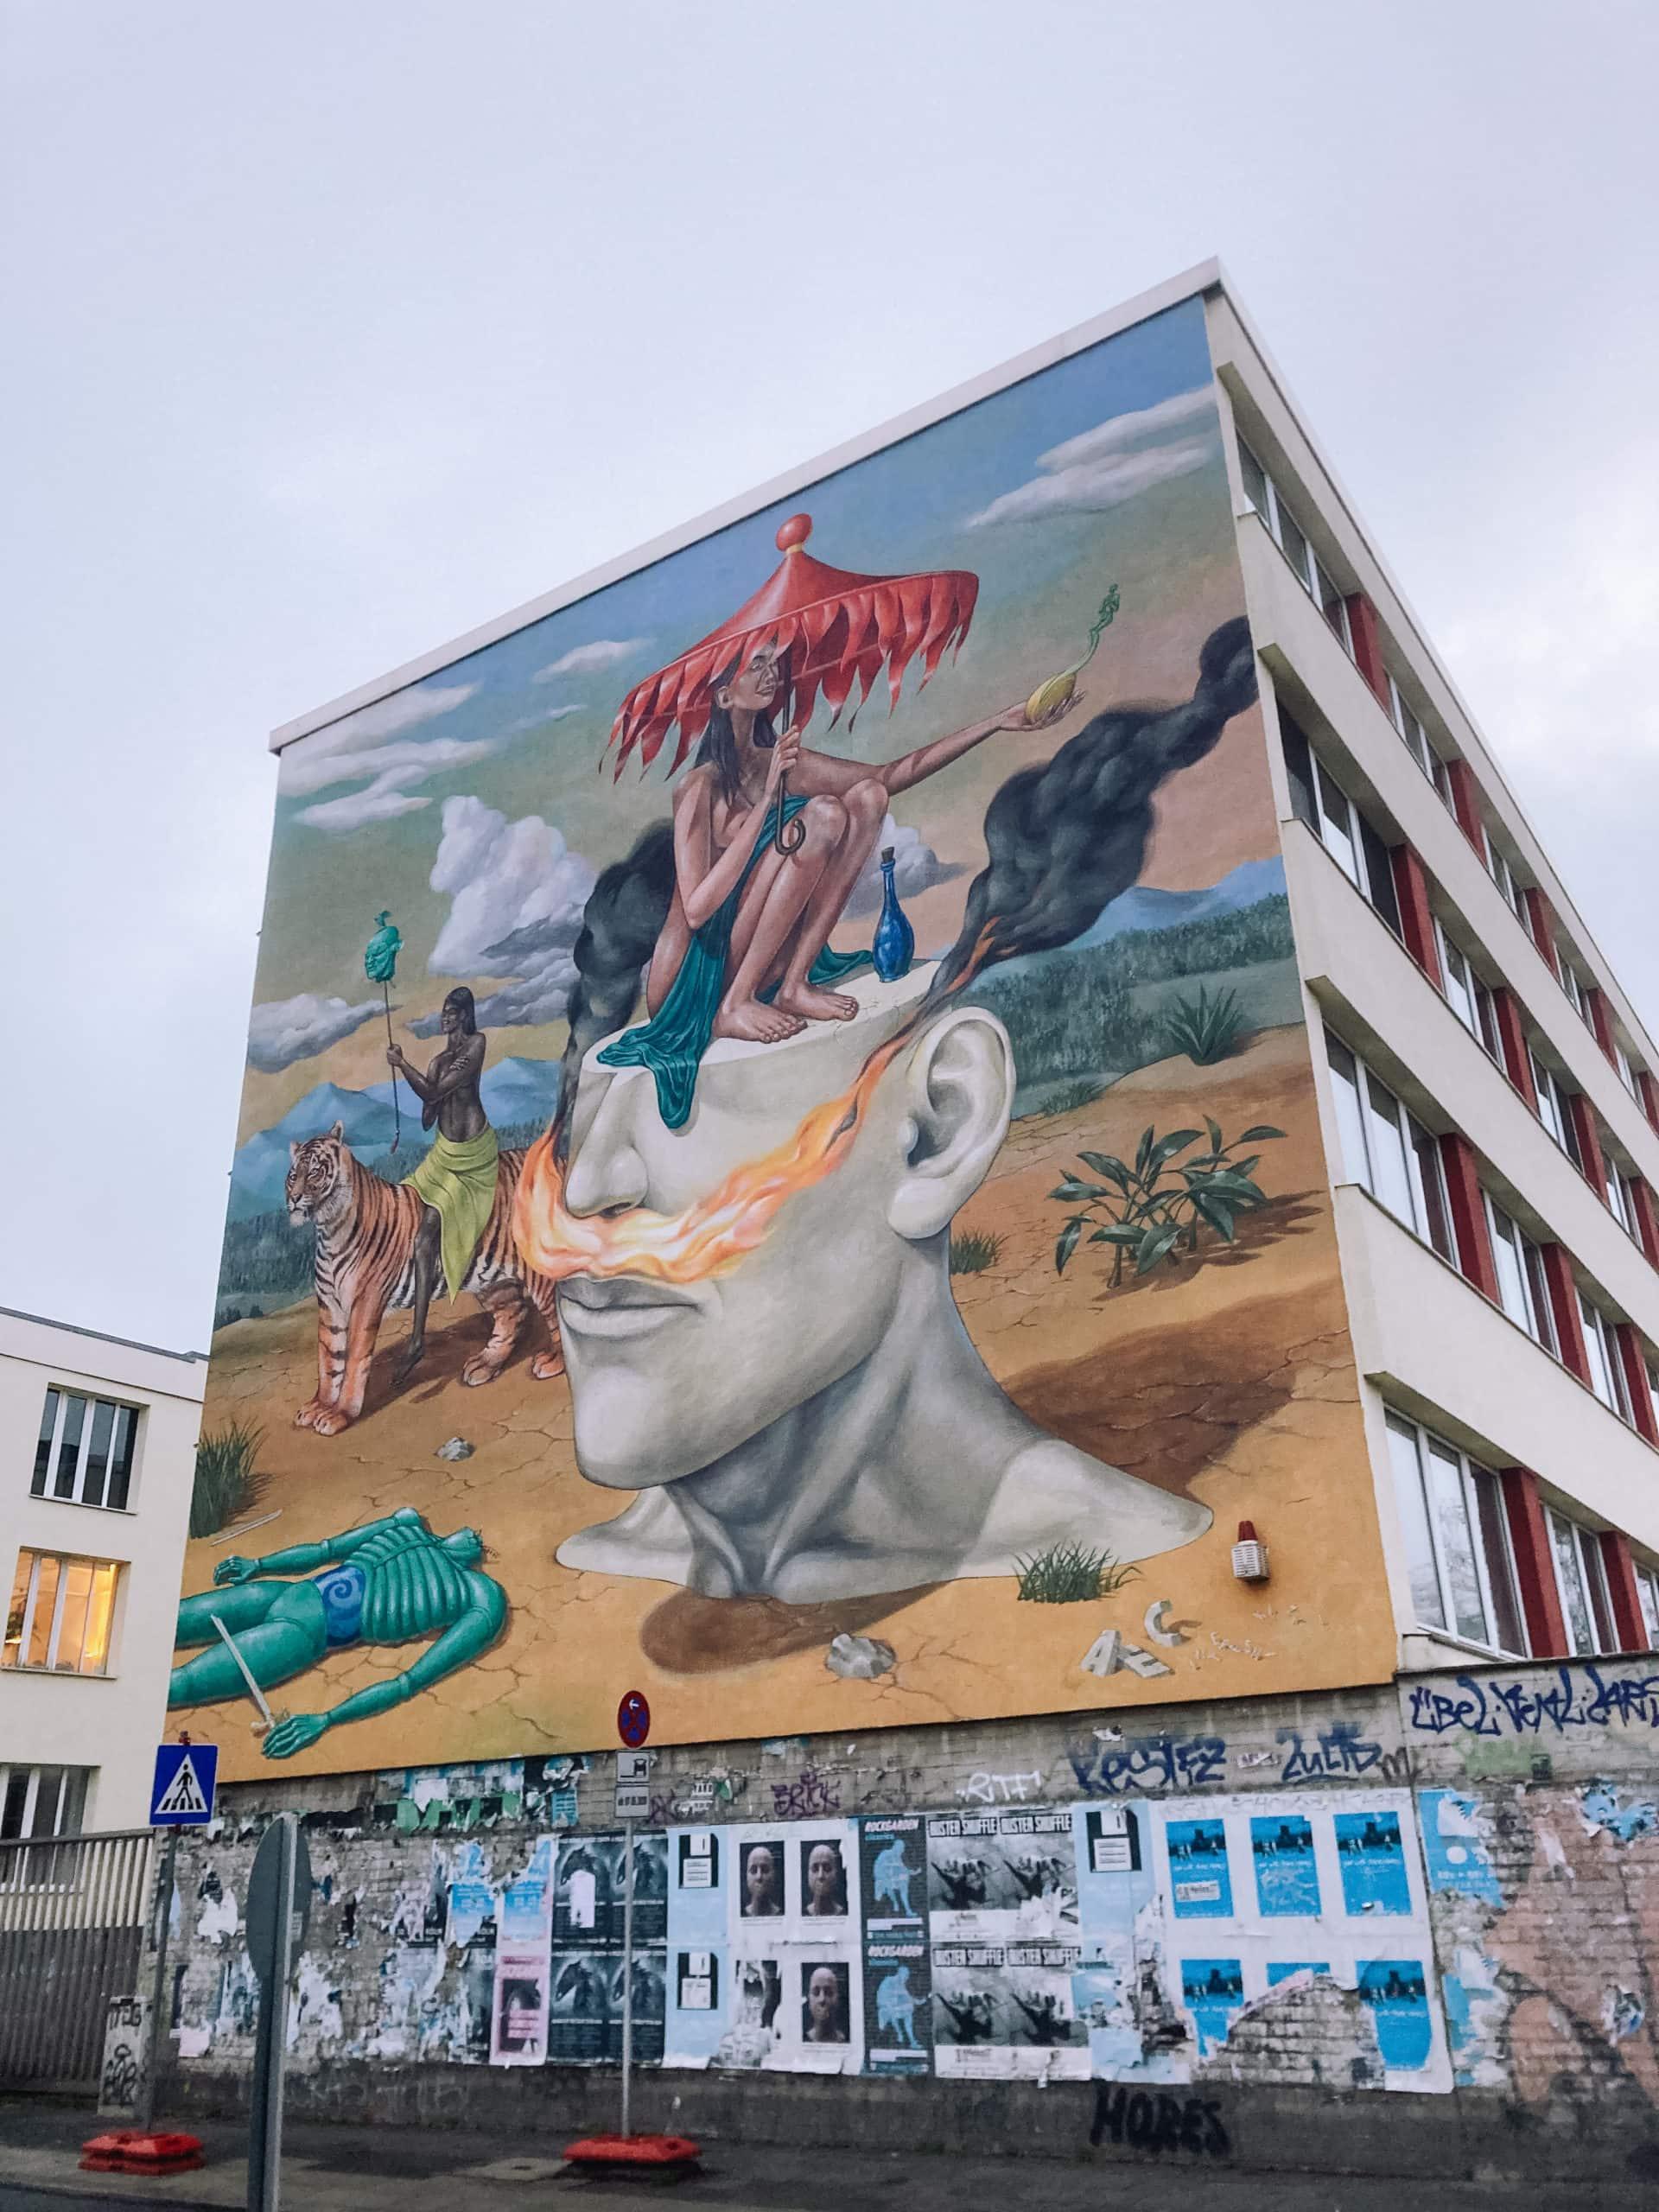 Buntes surrealistisches Mural